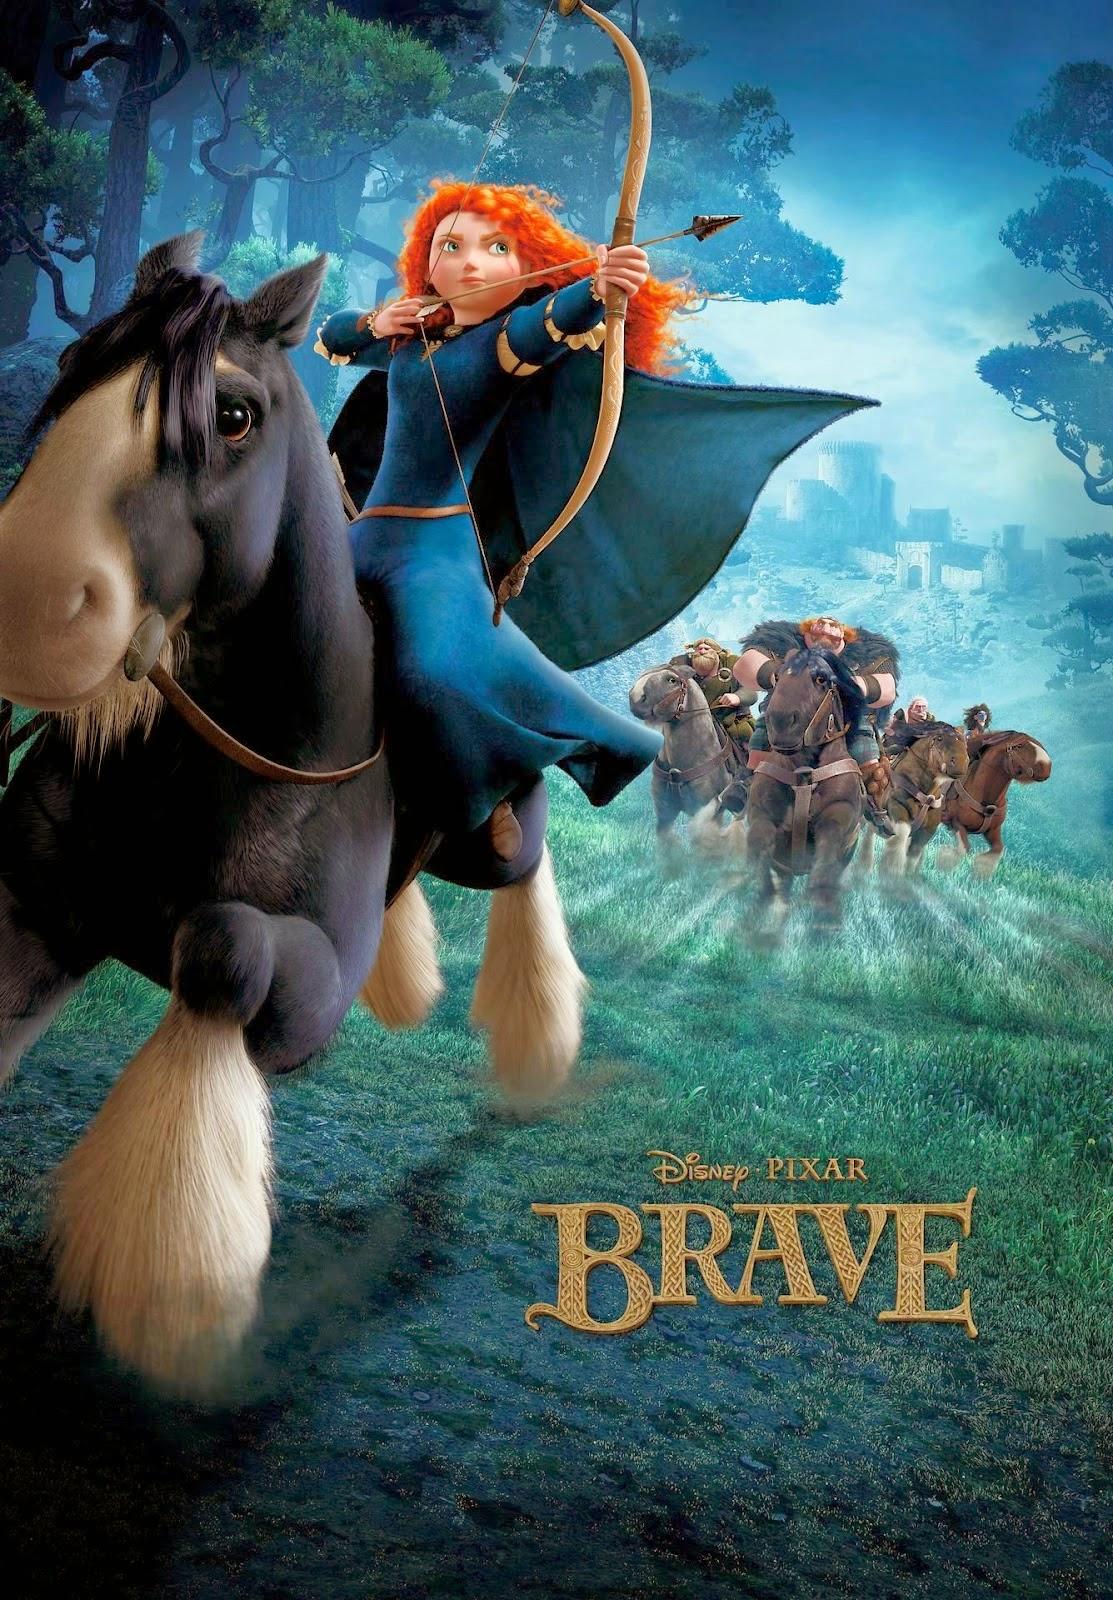 فيلم الانمى والاكشن والمغامرات الرائع Brave مدبلج اون لاين